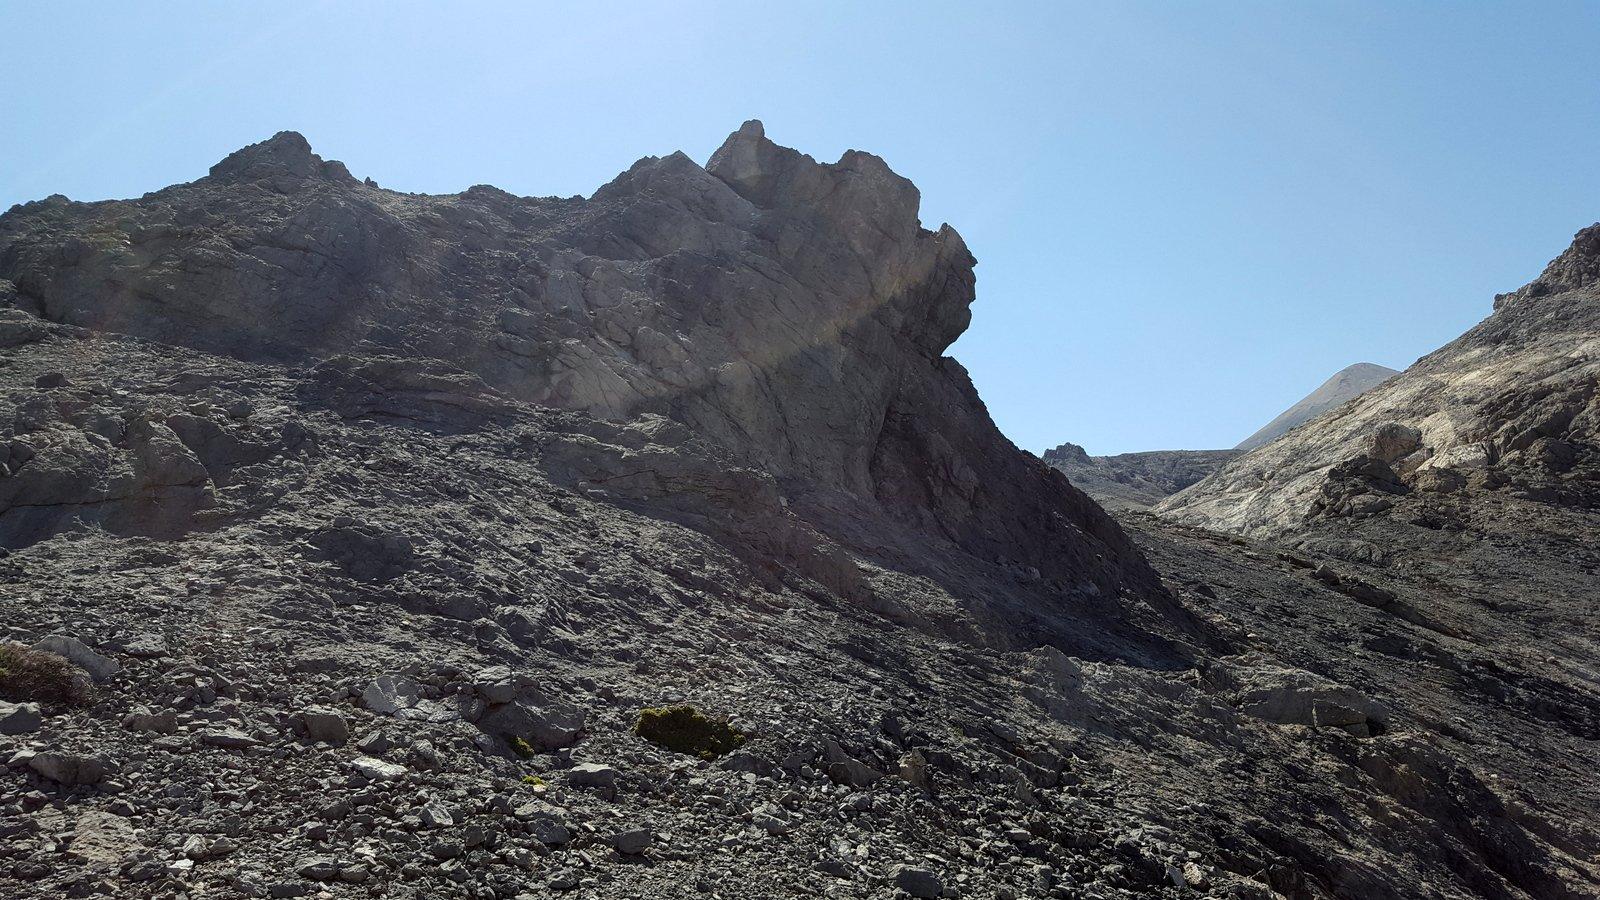 La formazione rocciosa aggirata